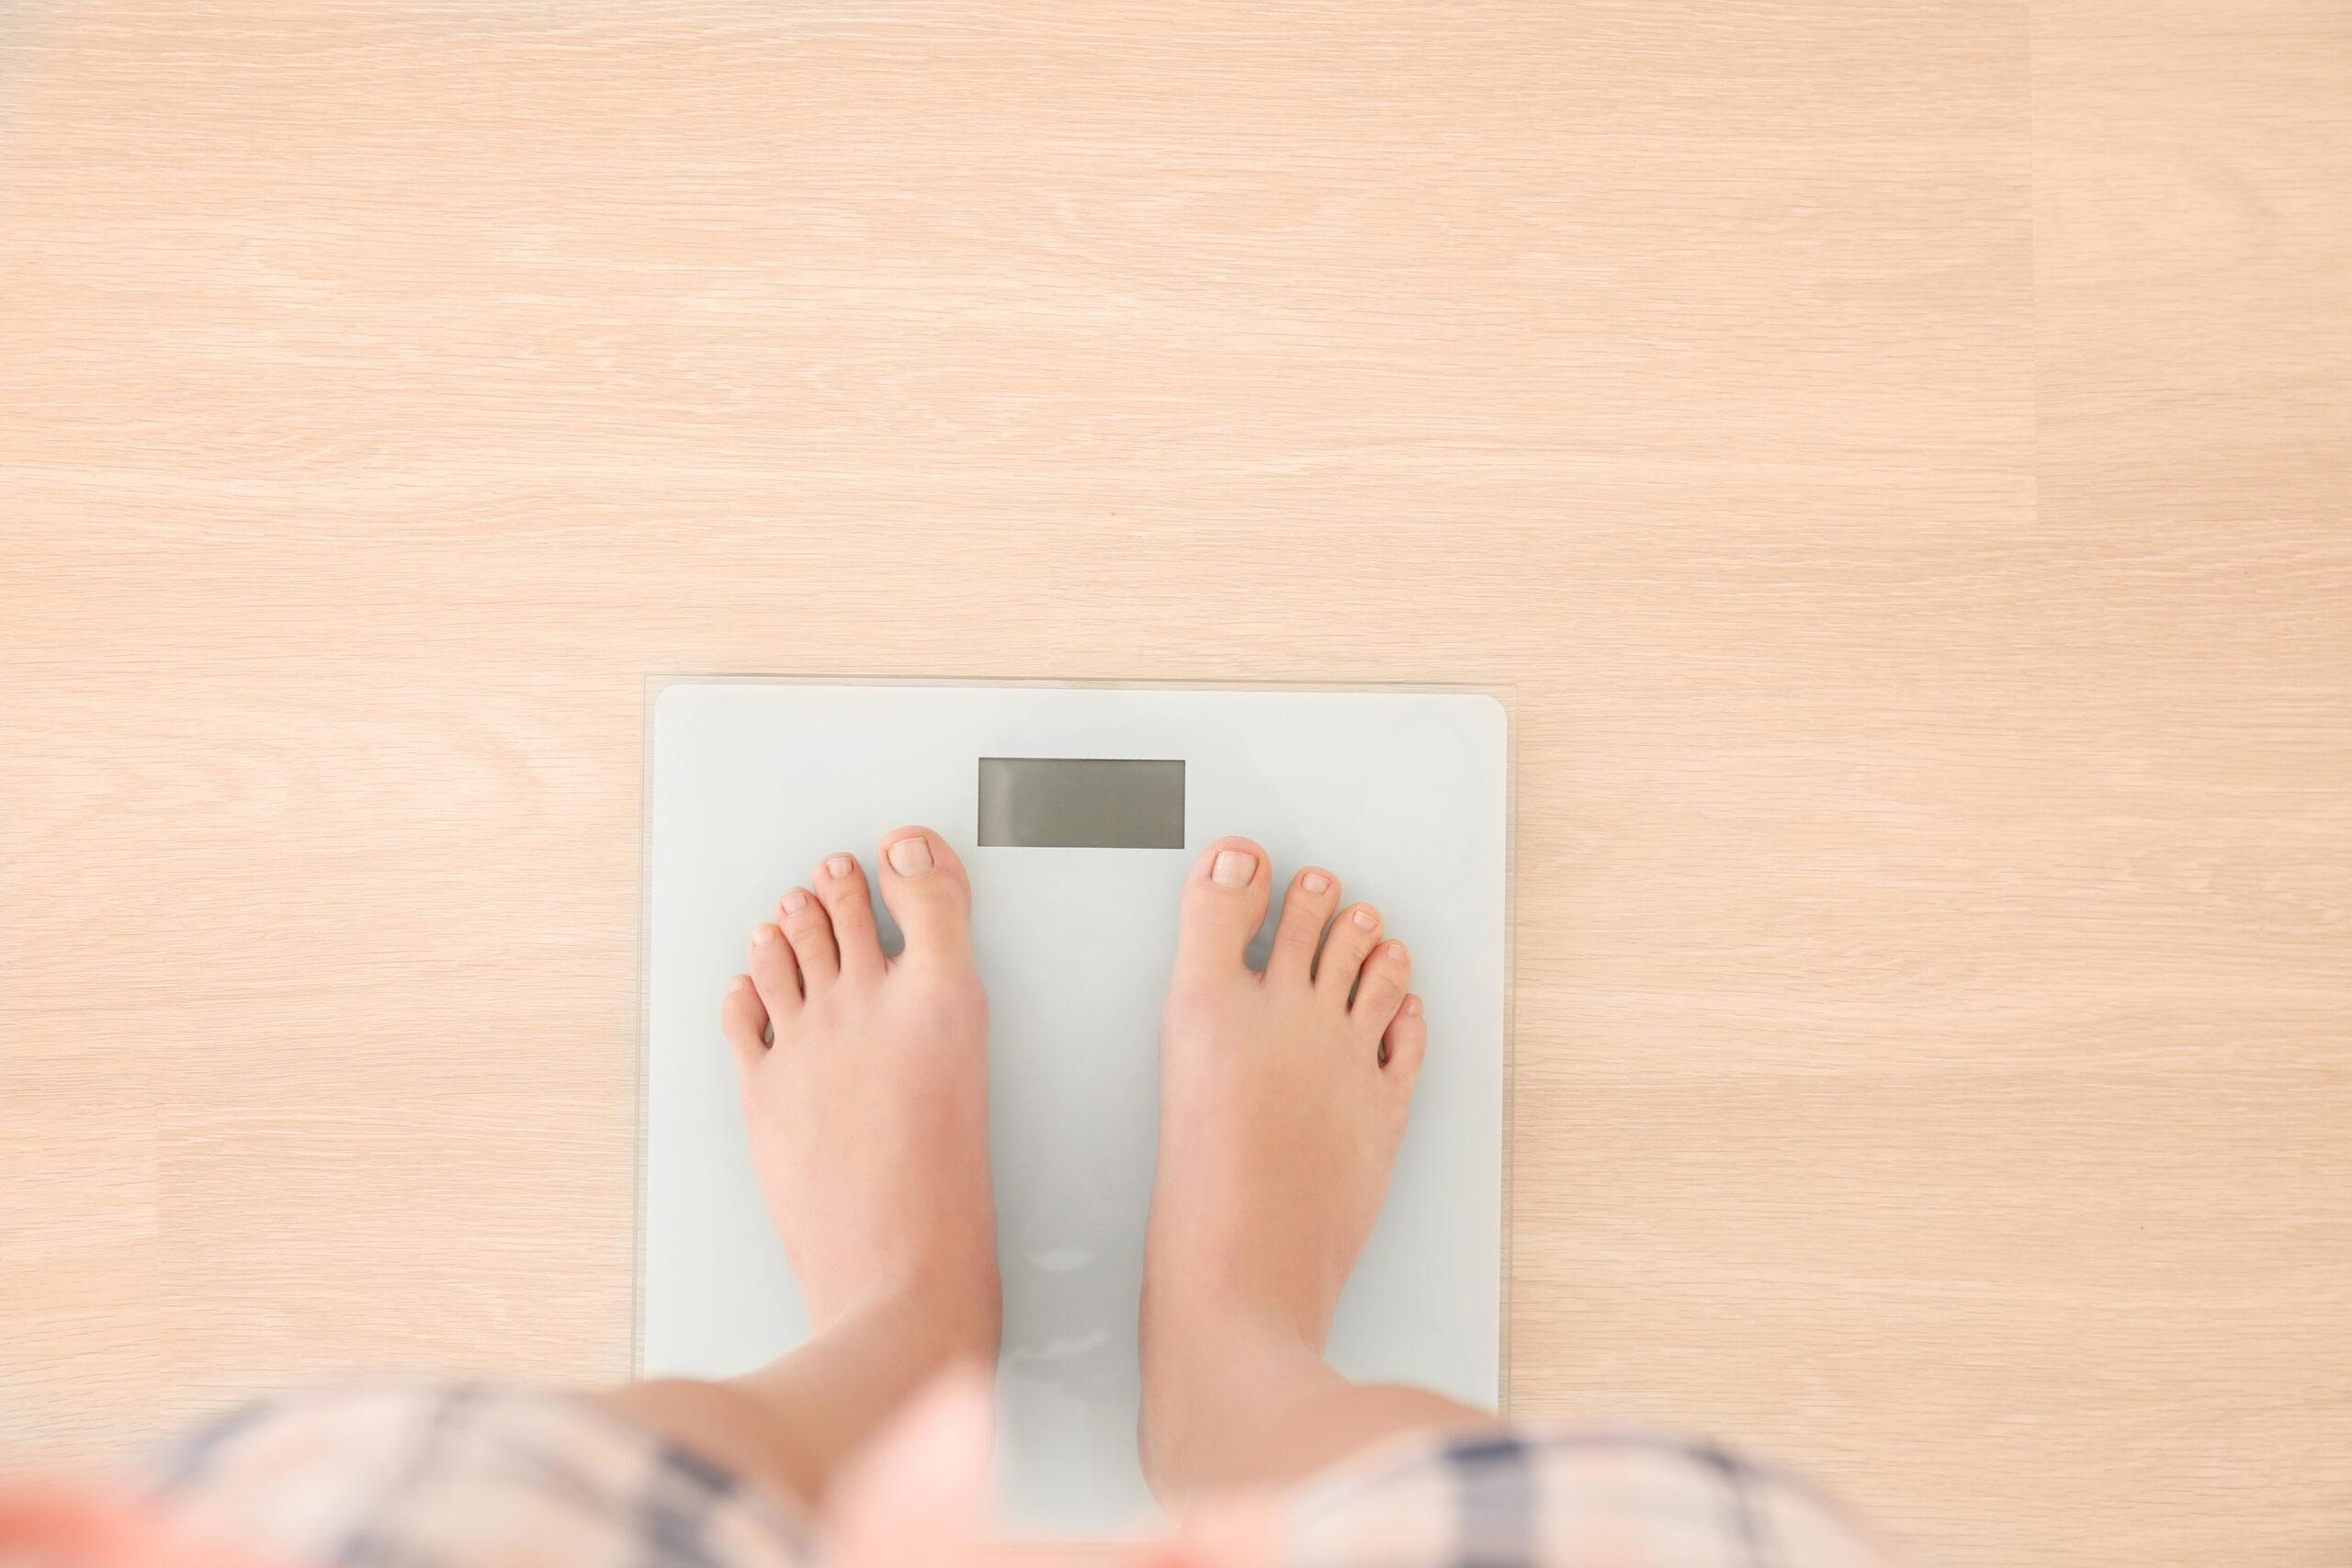 目安になる体重を知る